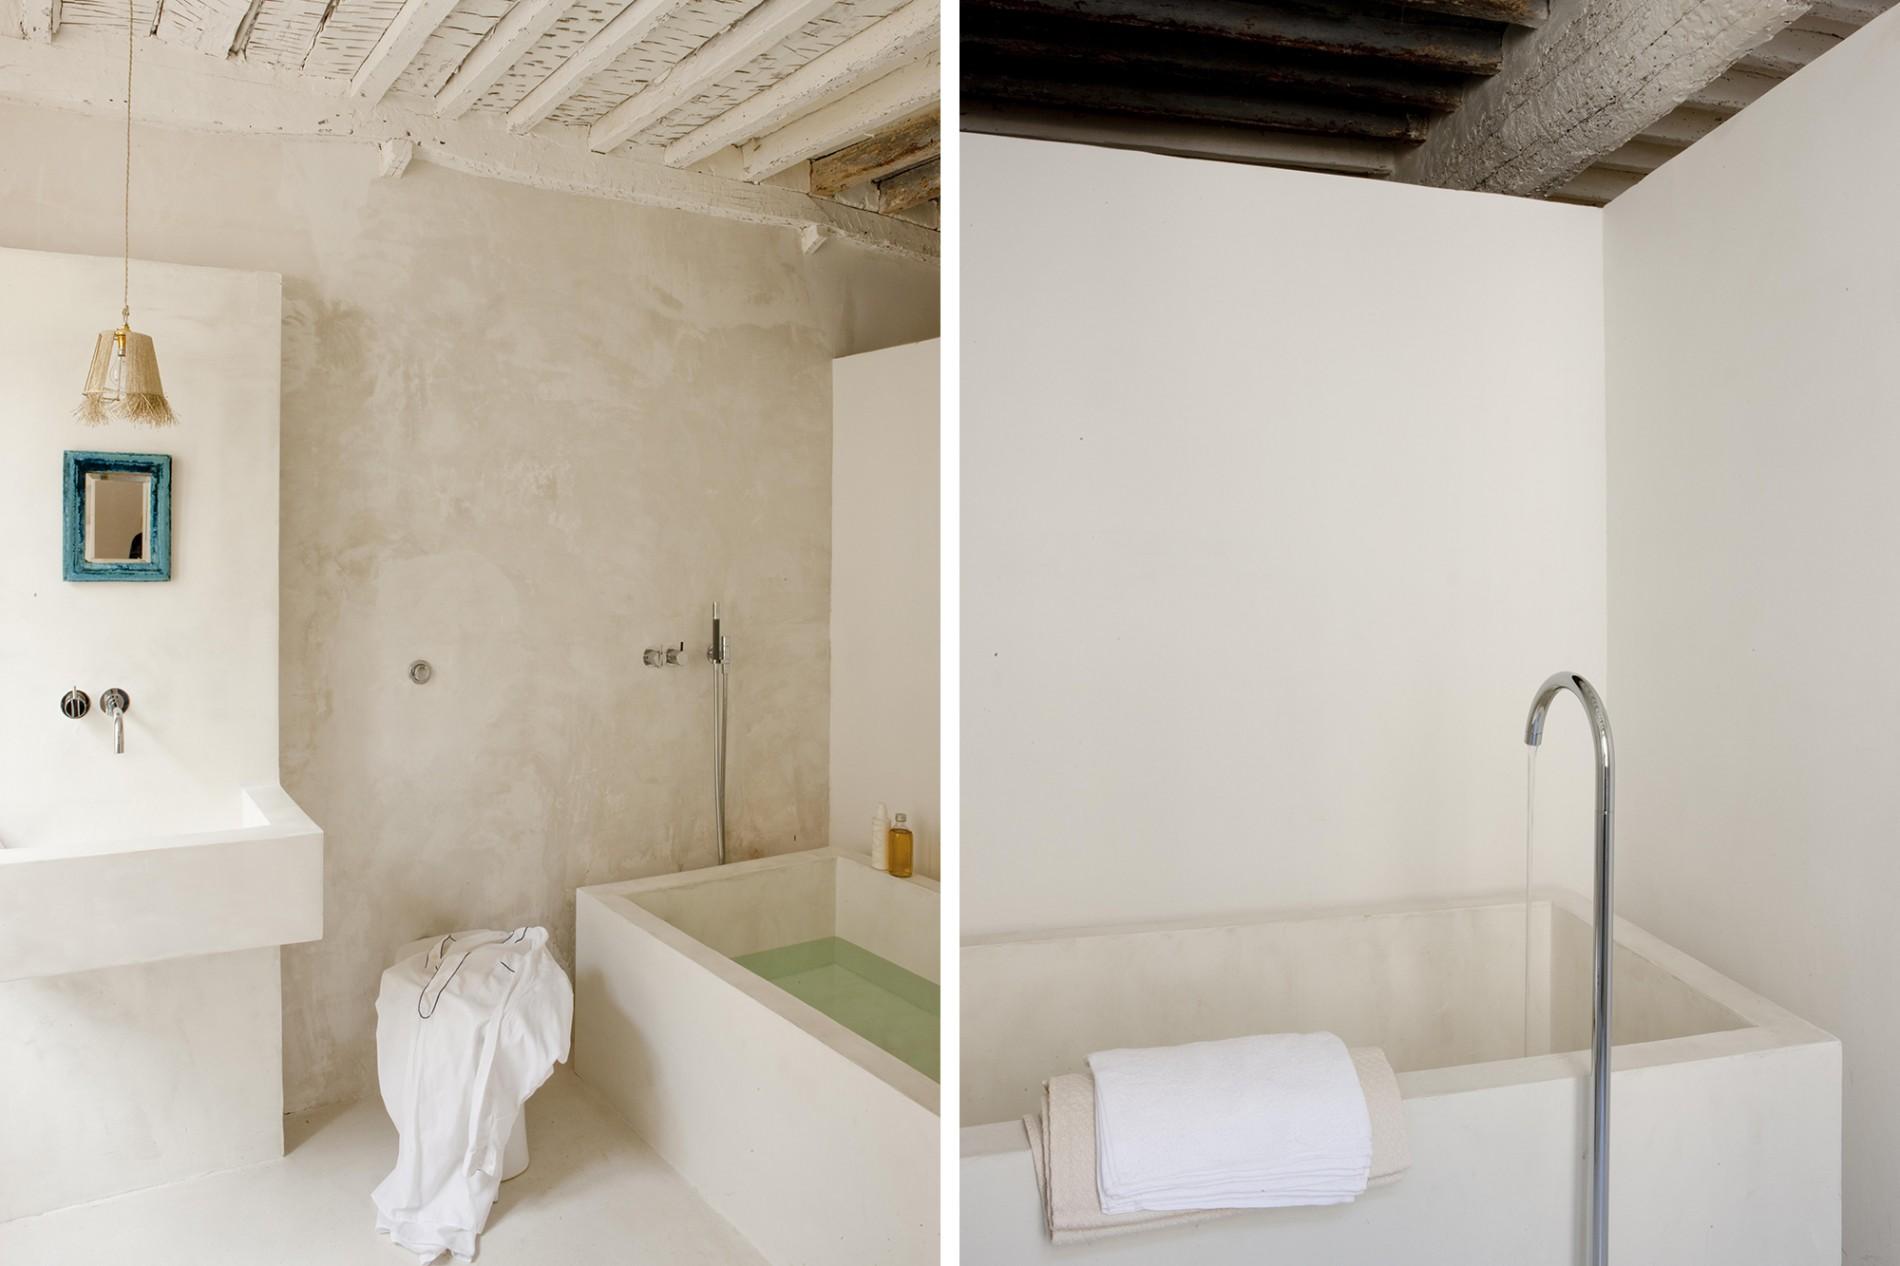 Blanc et lumi re by jacqueline morabito l 39 exploreur for Salle de bain 1900